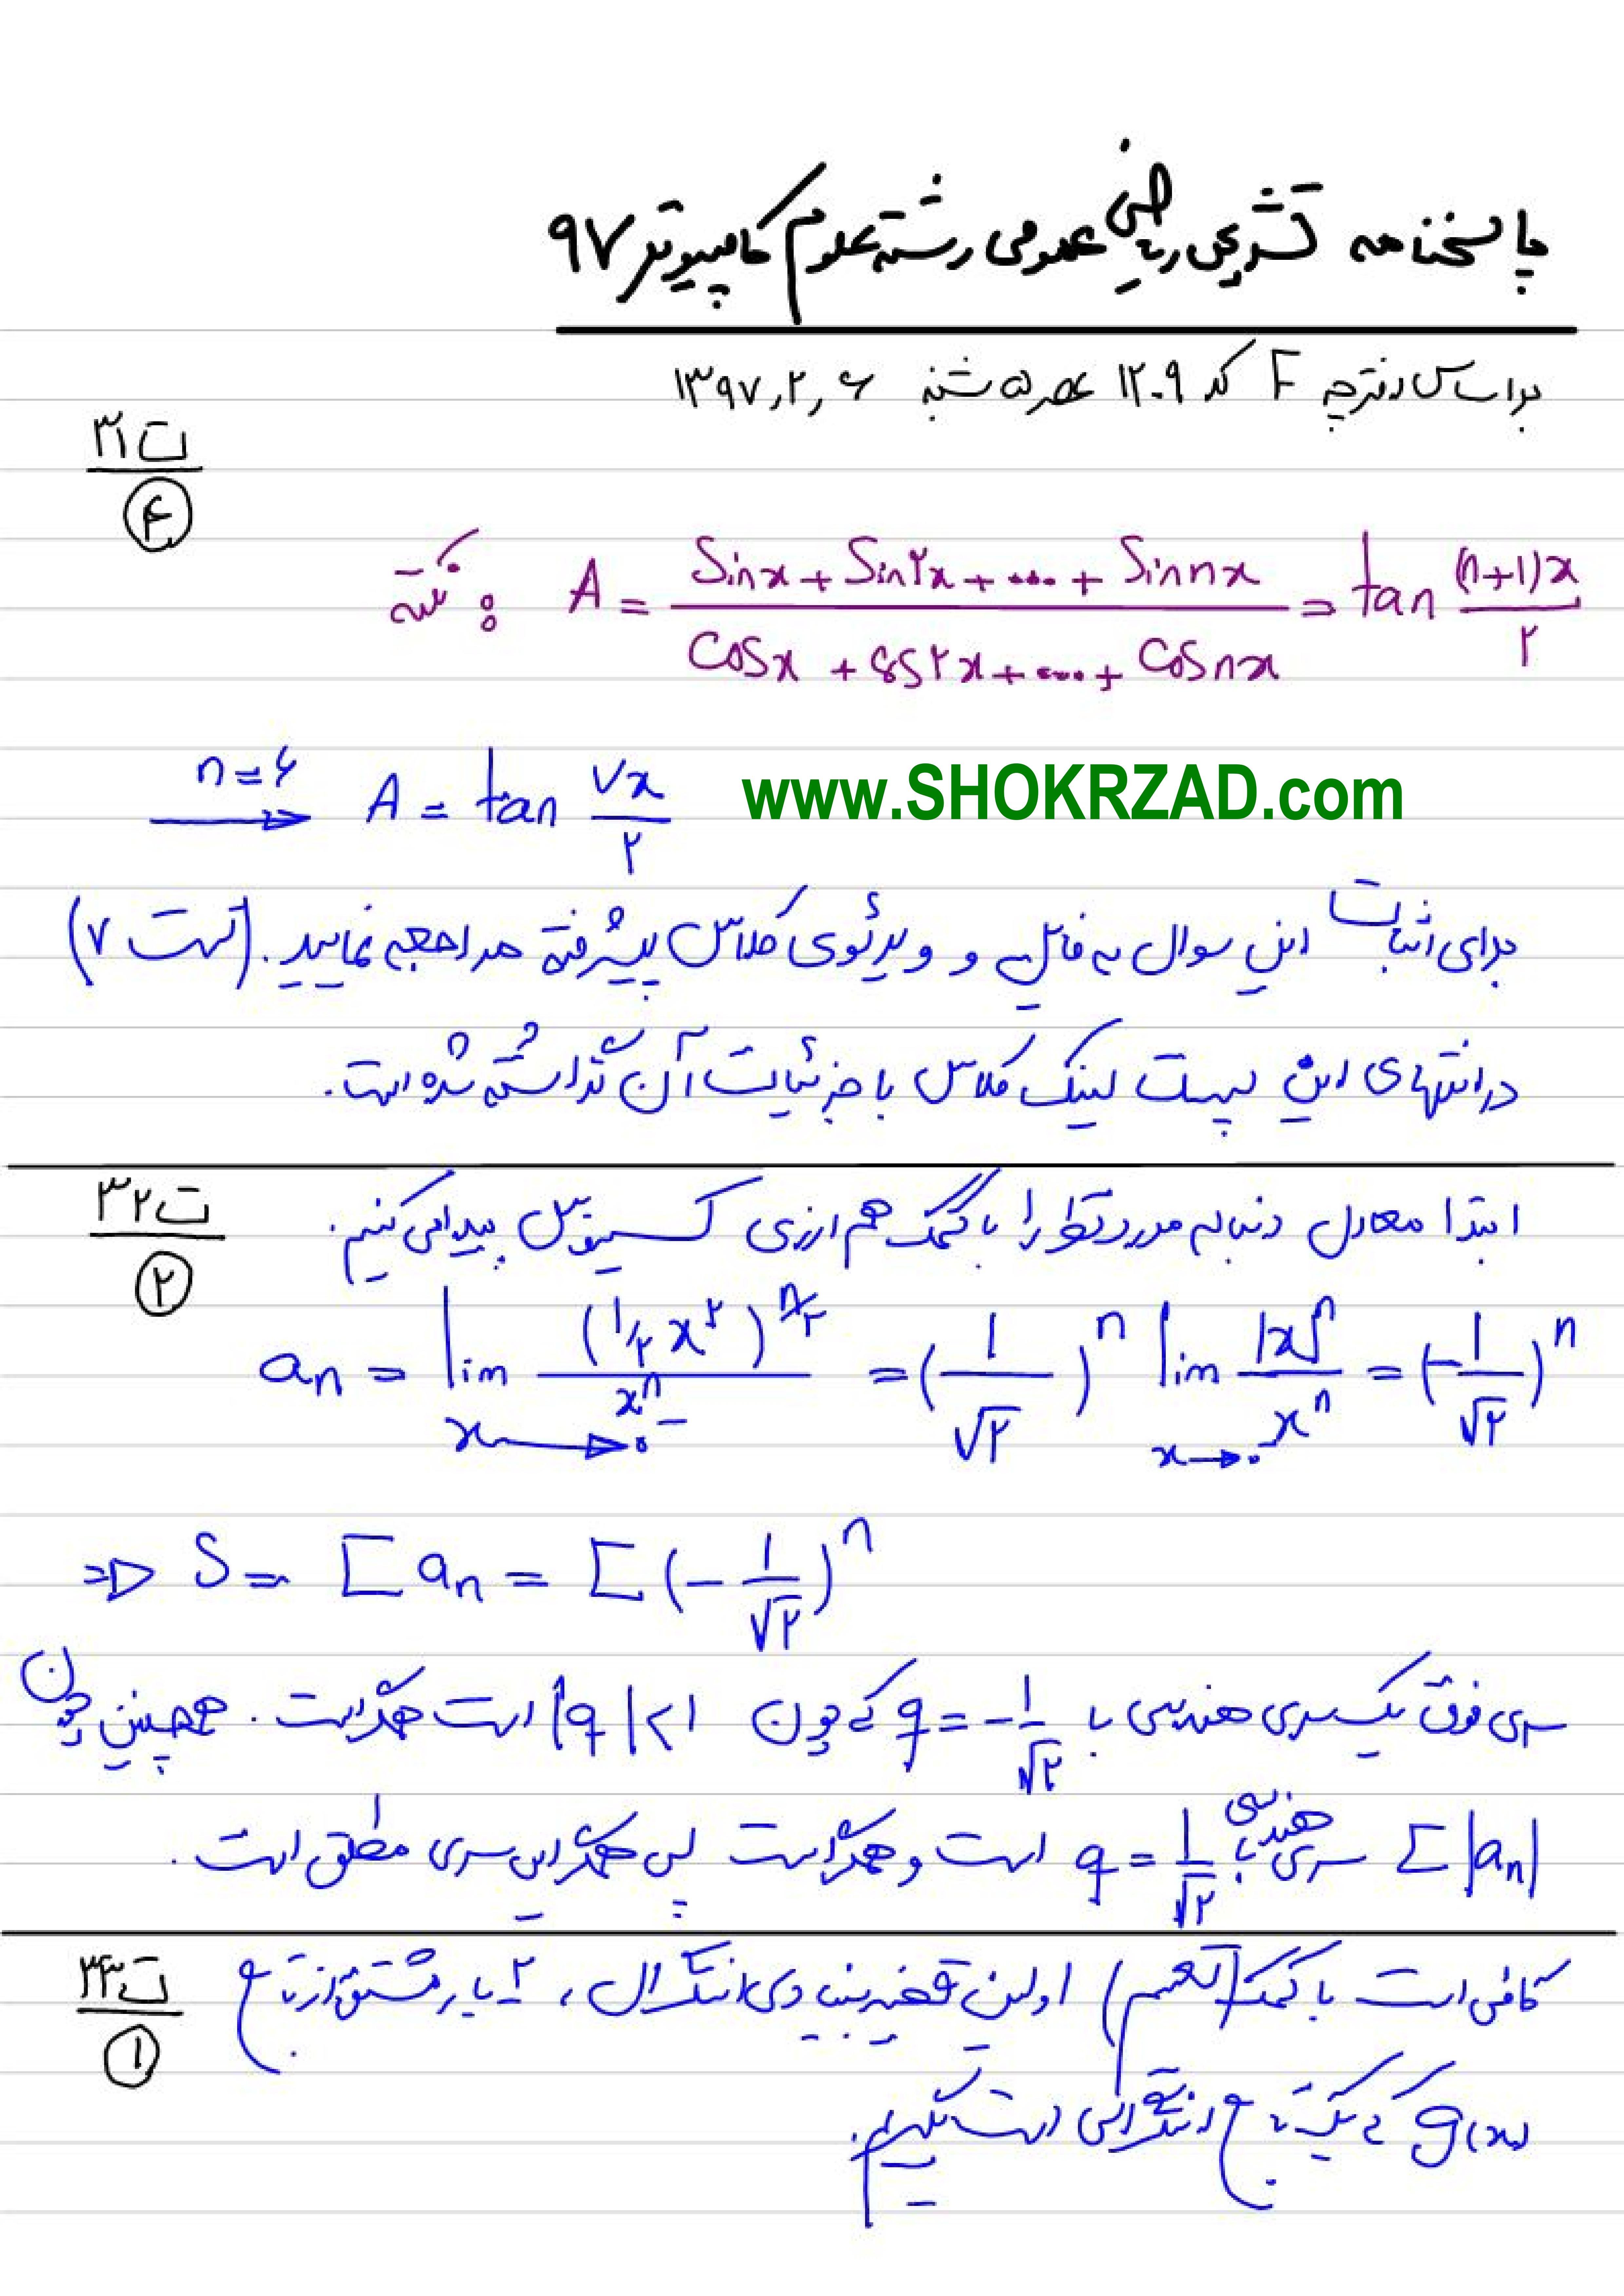 پاسخنامه تشریحی سوالات ریاضی عمومی رشته علوم کامپیوتر ارشد 97